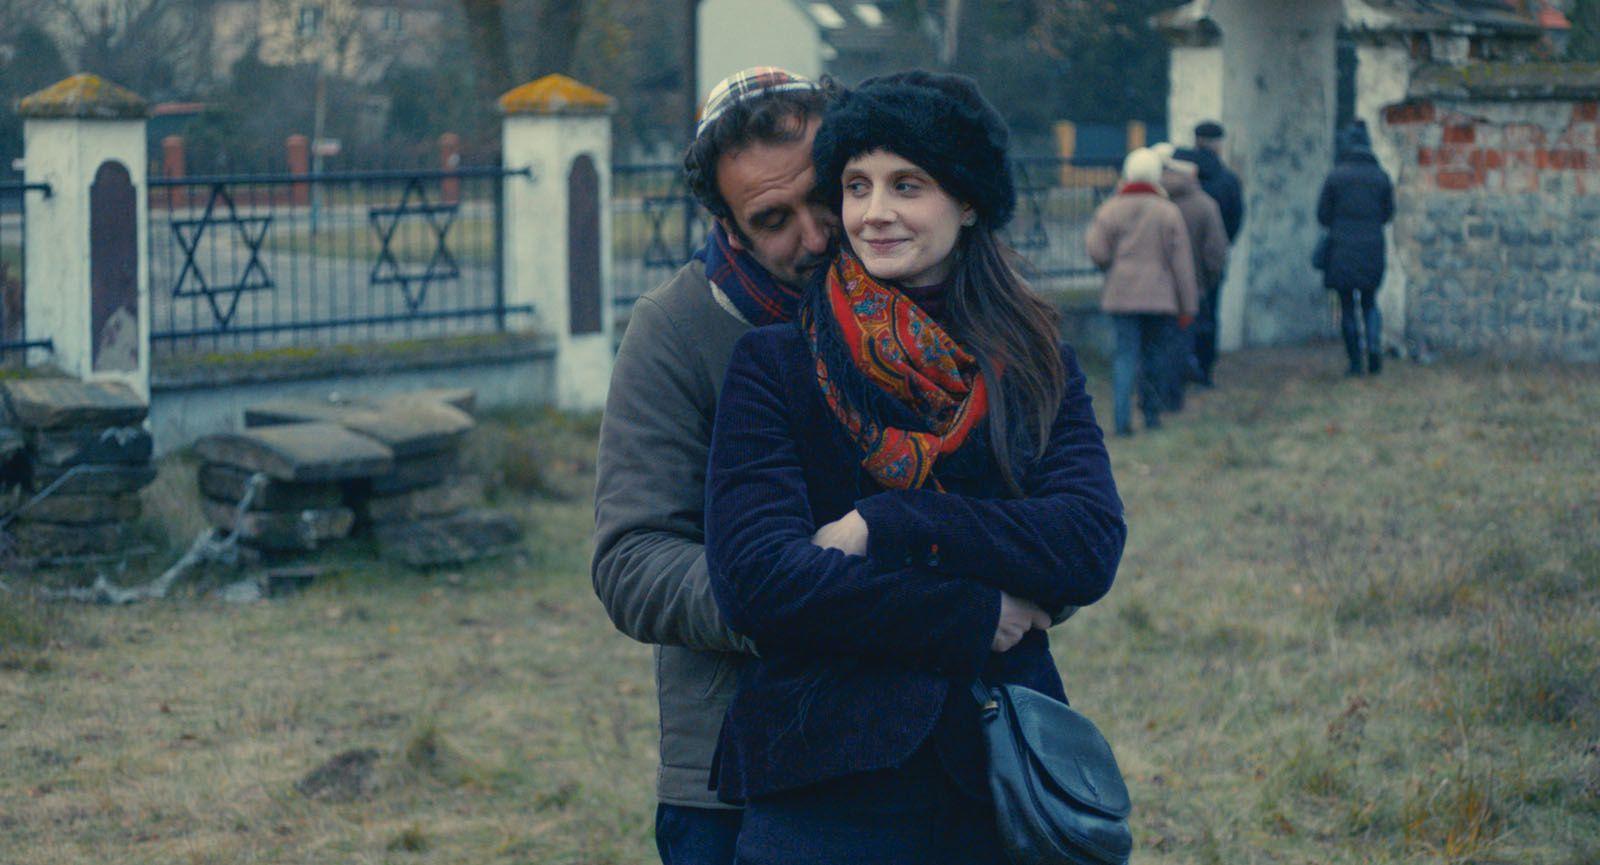 Lune de Miel (BANDE-ANNONCE) de Elise Otzenberger avec Judith Chemla, Arthur Igual, Brigitte Roüan - Le 12 juin 2019 au cinéma